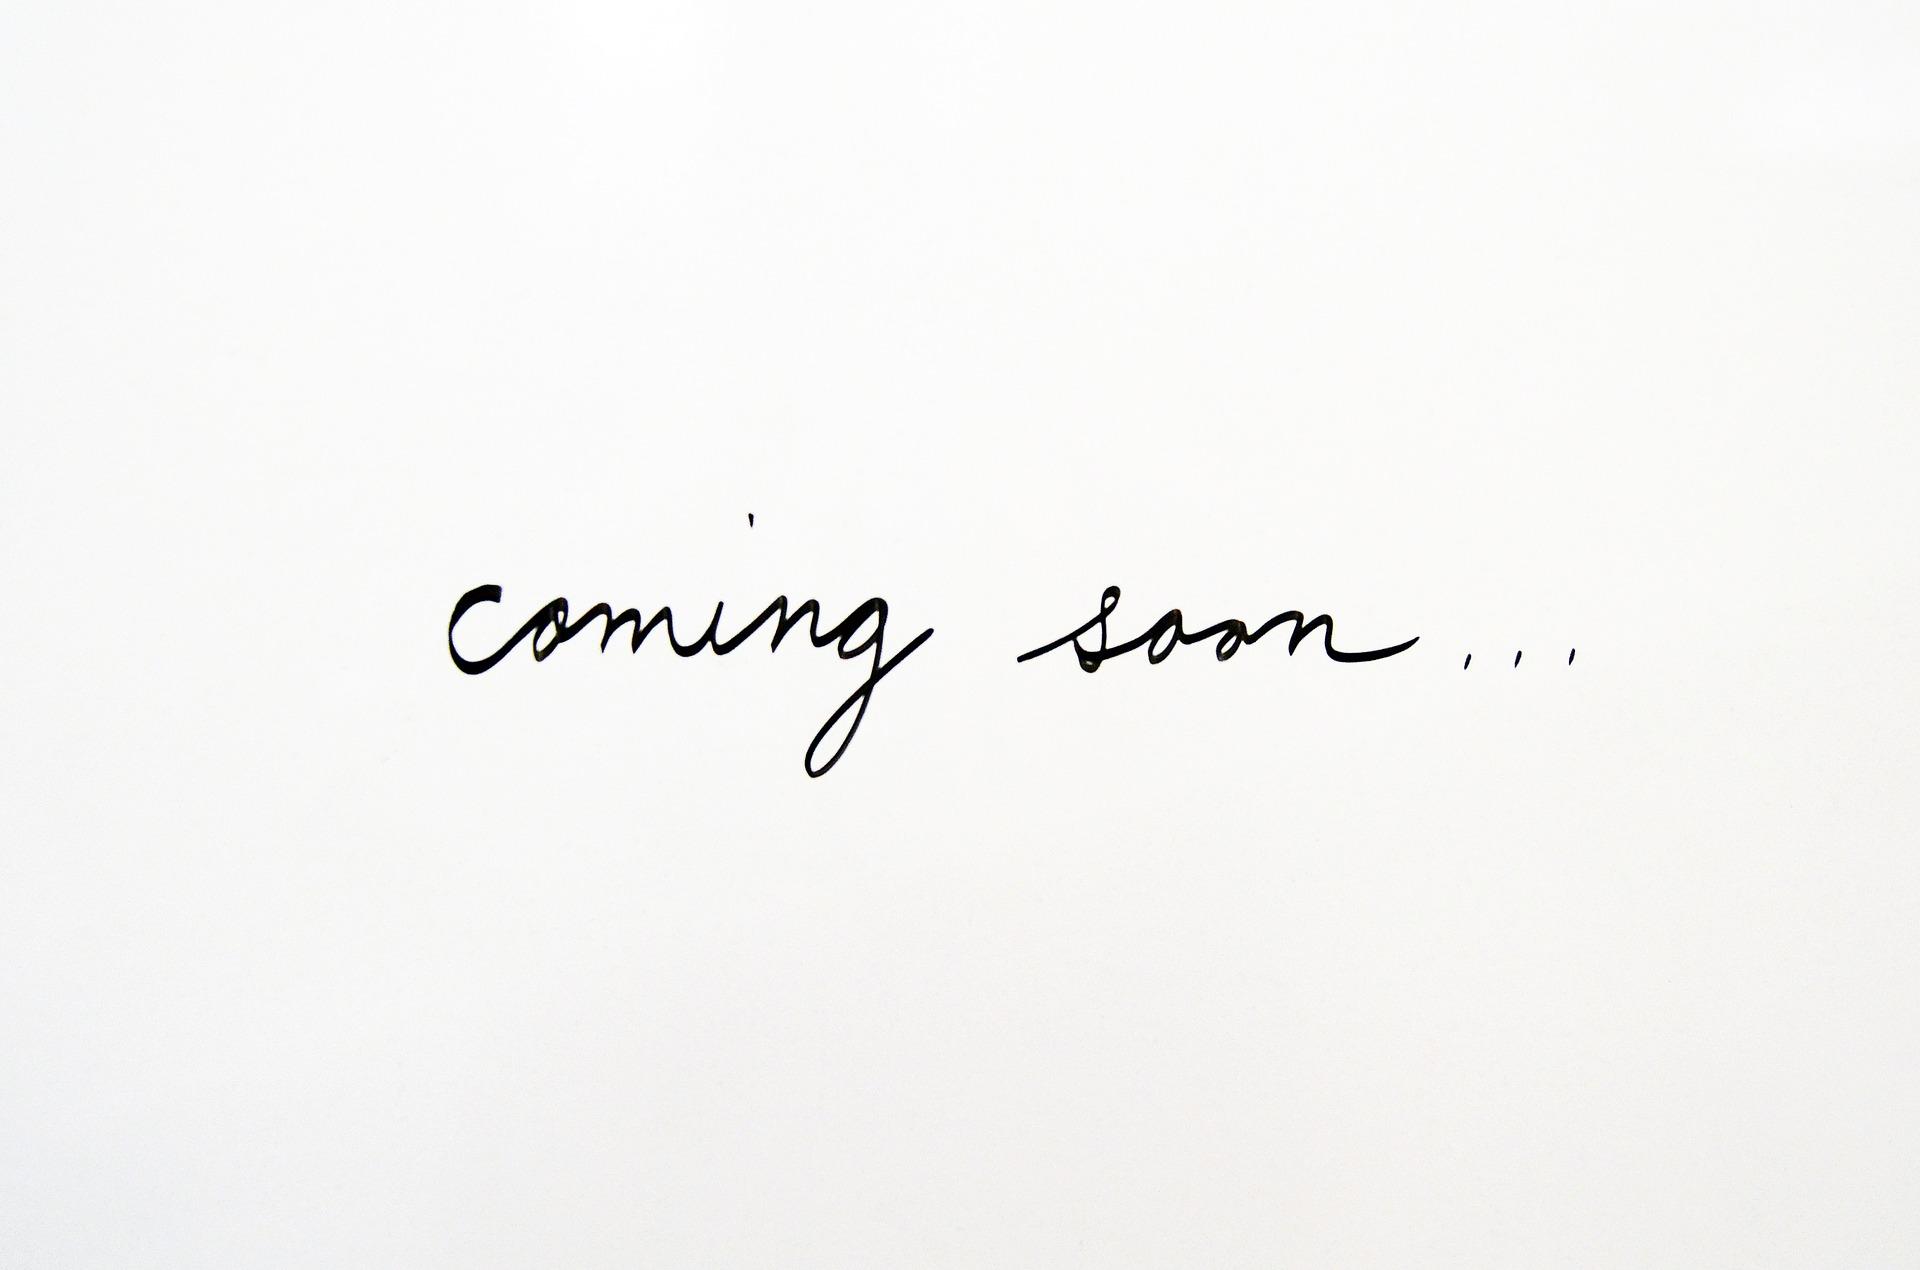 coming-soon-2579129_1920.jpg